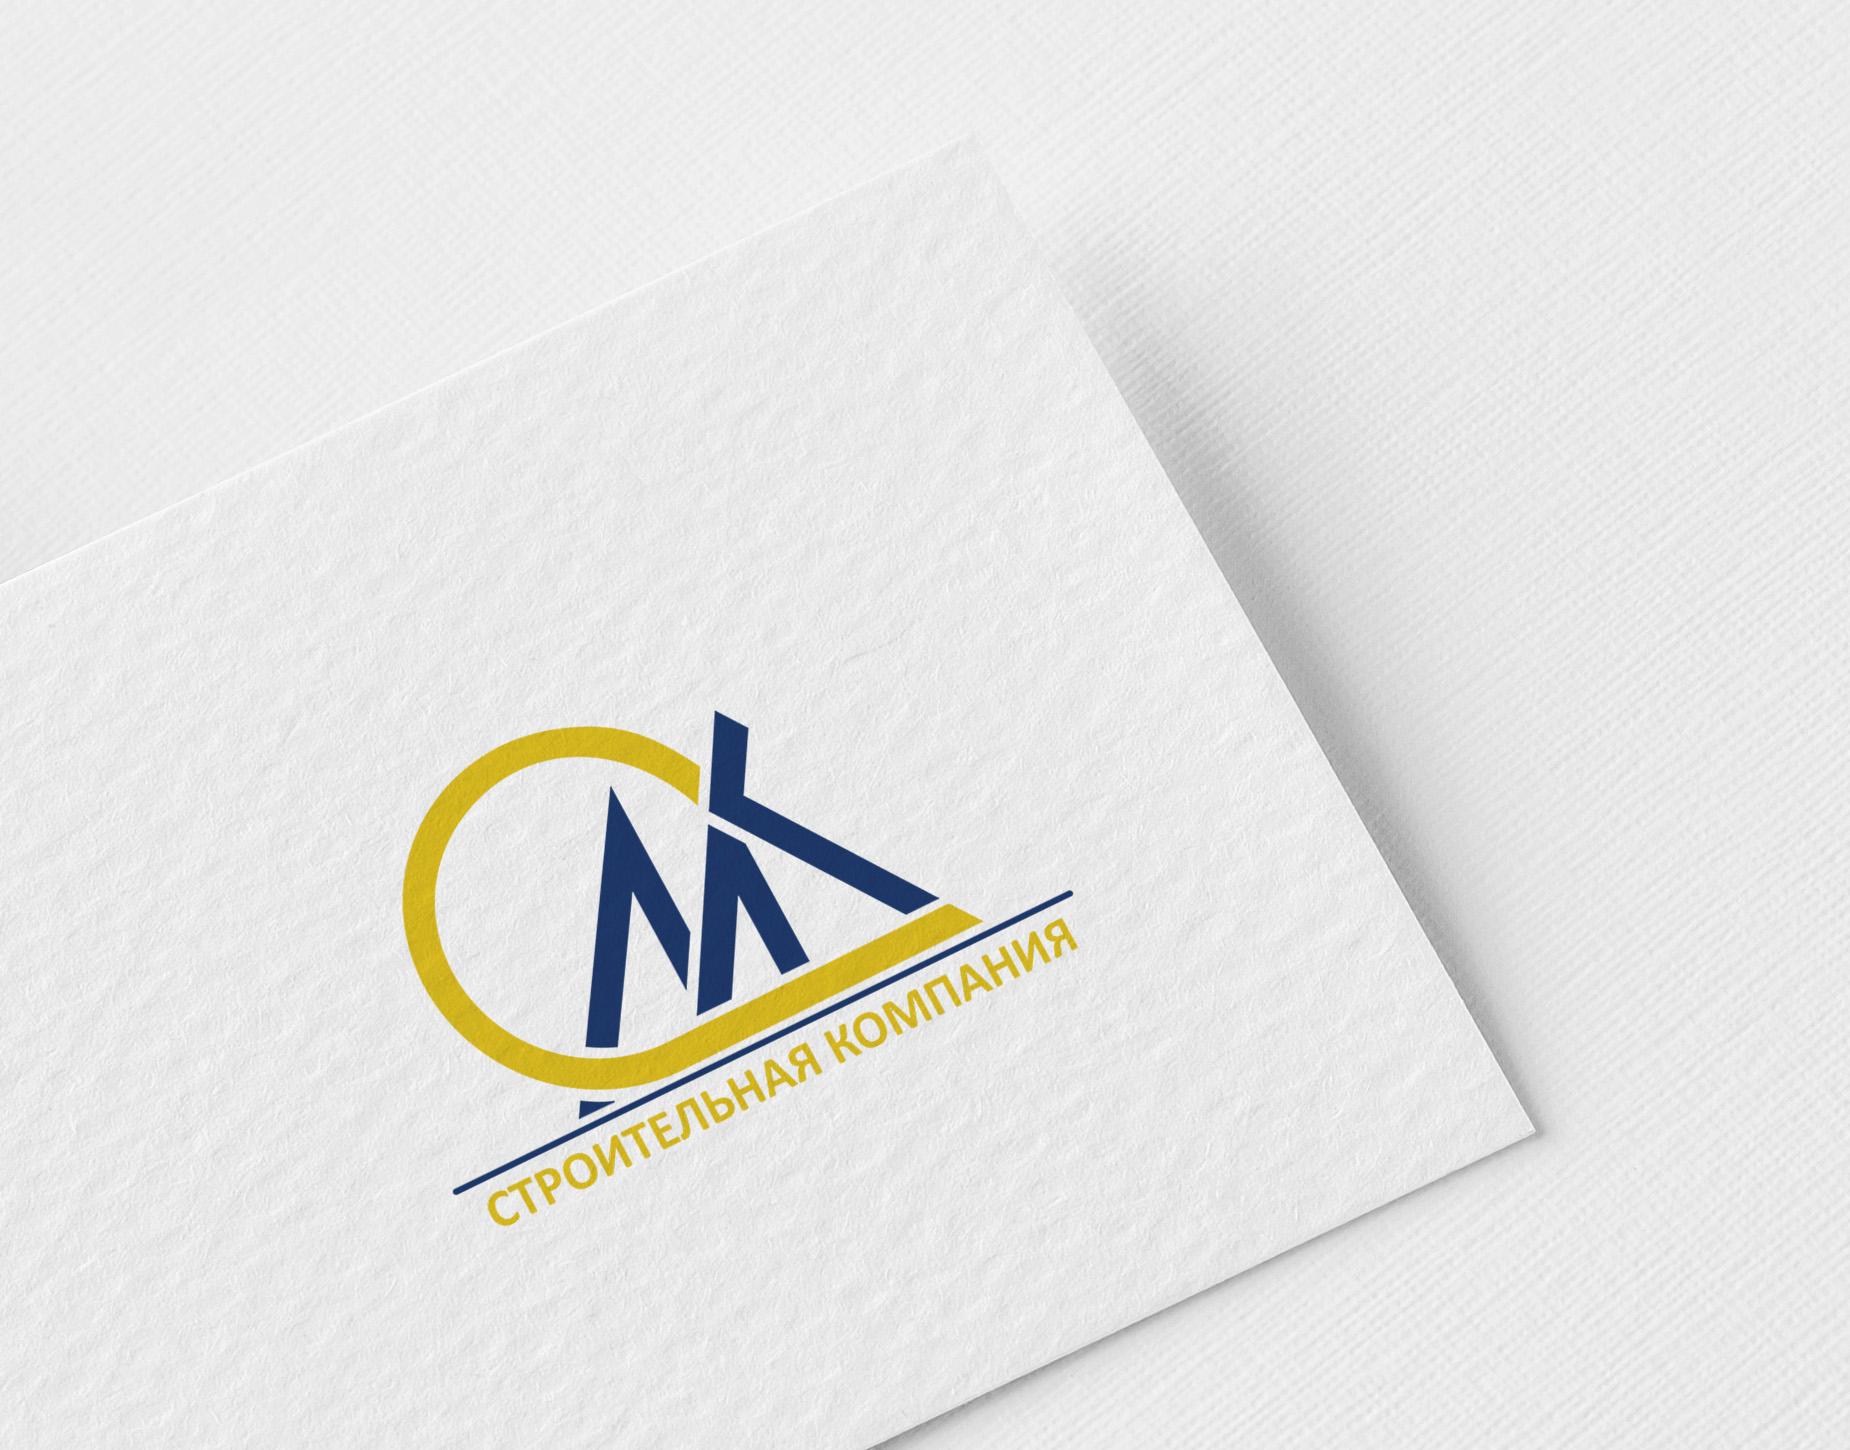 Разработка логотипа компании фото f_0945dd2e06725bcb.jpg